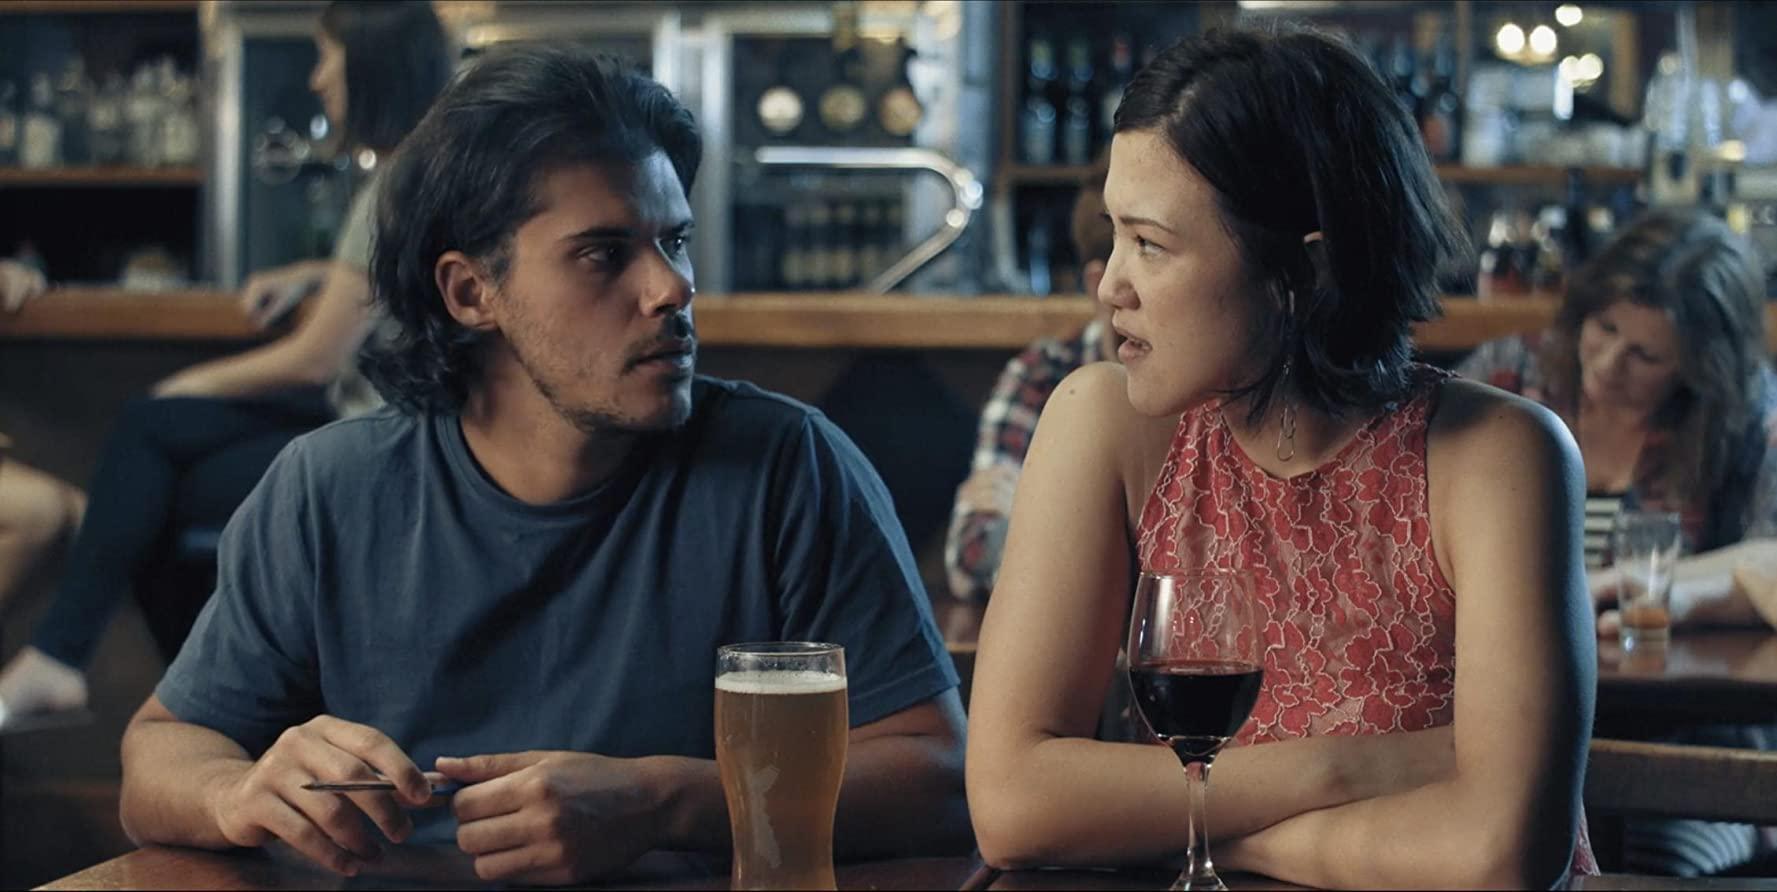 مشاهدة فيلم Quanta (2019) مترجم HD اون لاين